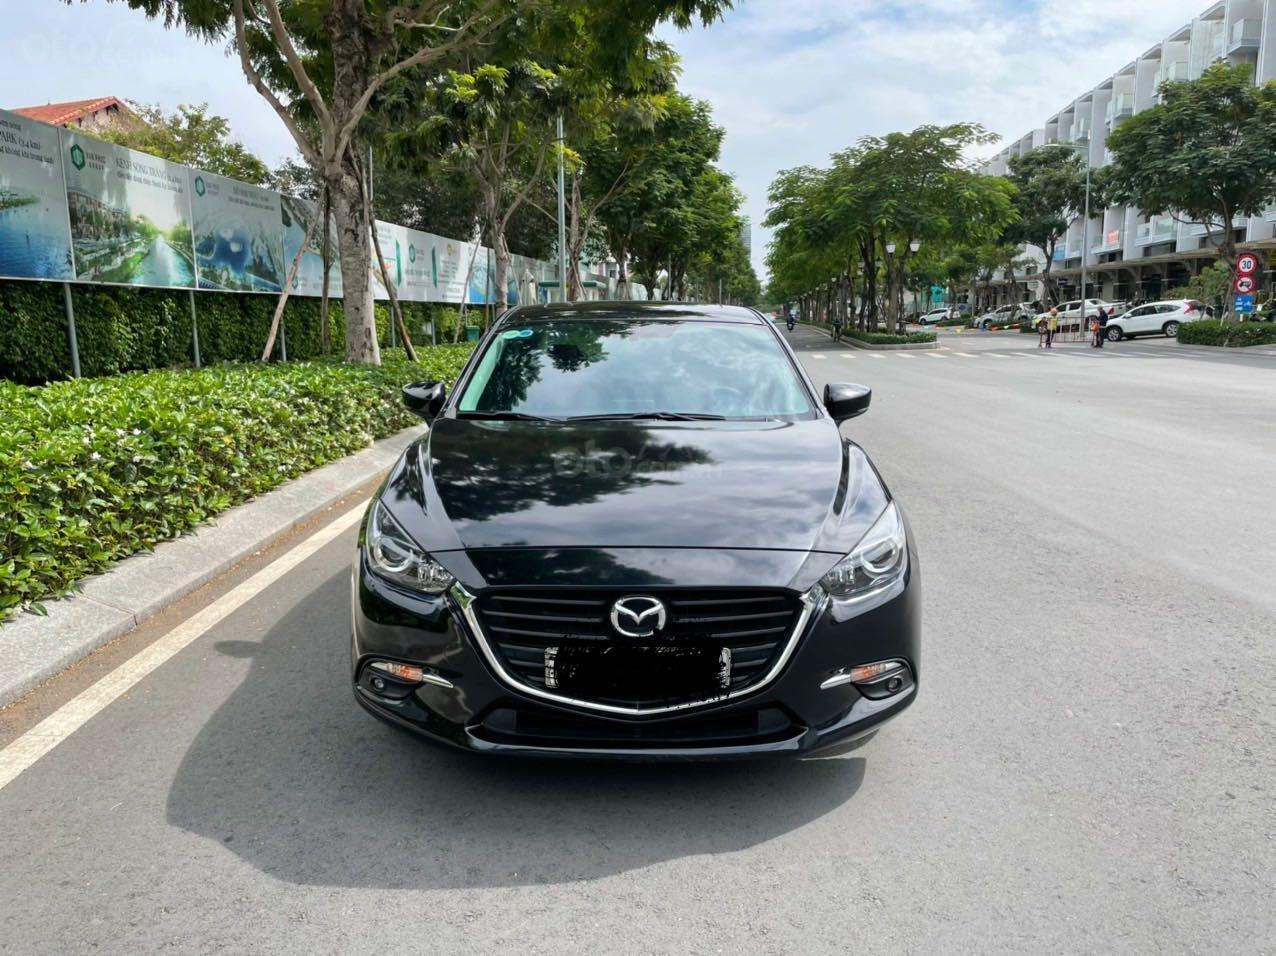 Cần bán xe Mazda 3 sản xuất 2018, màu đen xe gia đình giá chỉ 599 triệu đồng (2)